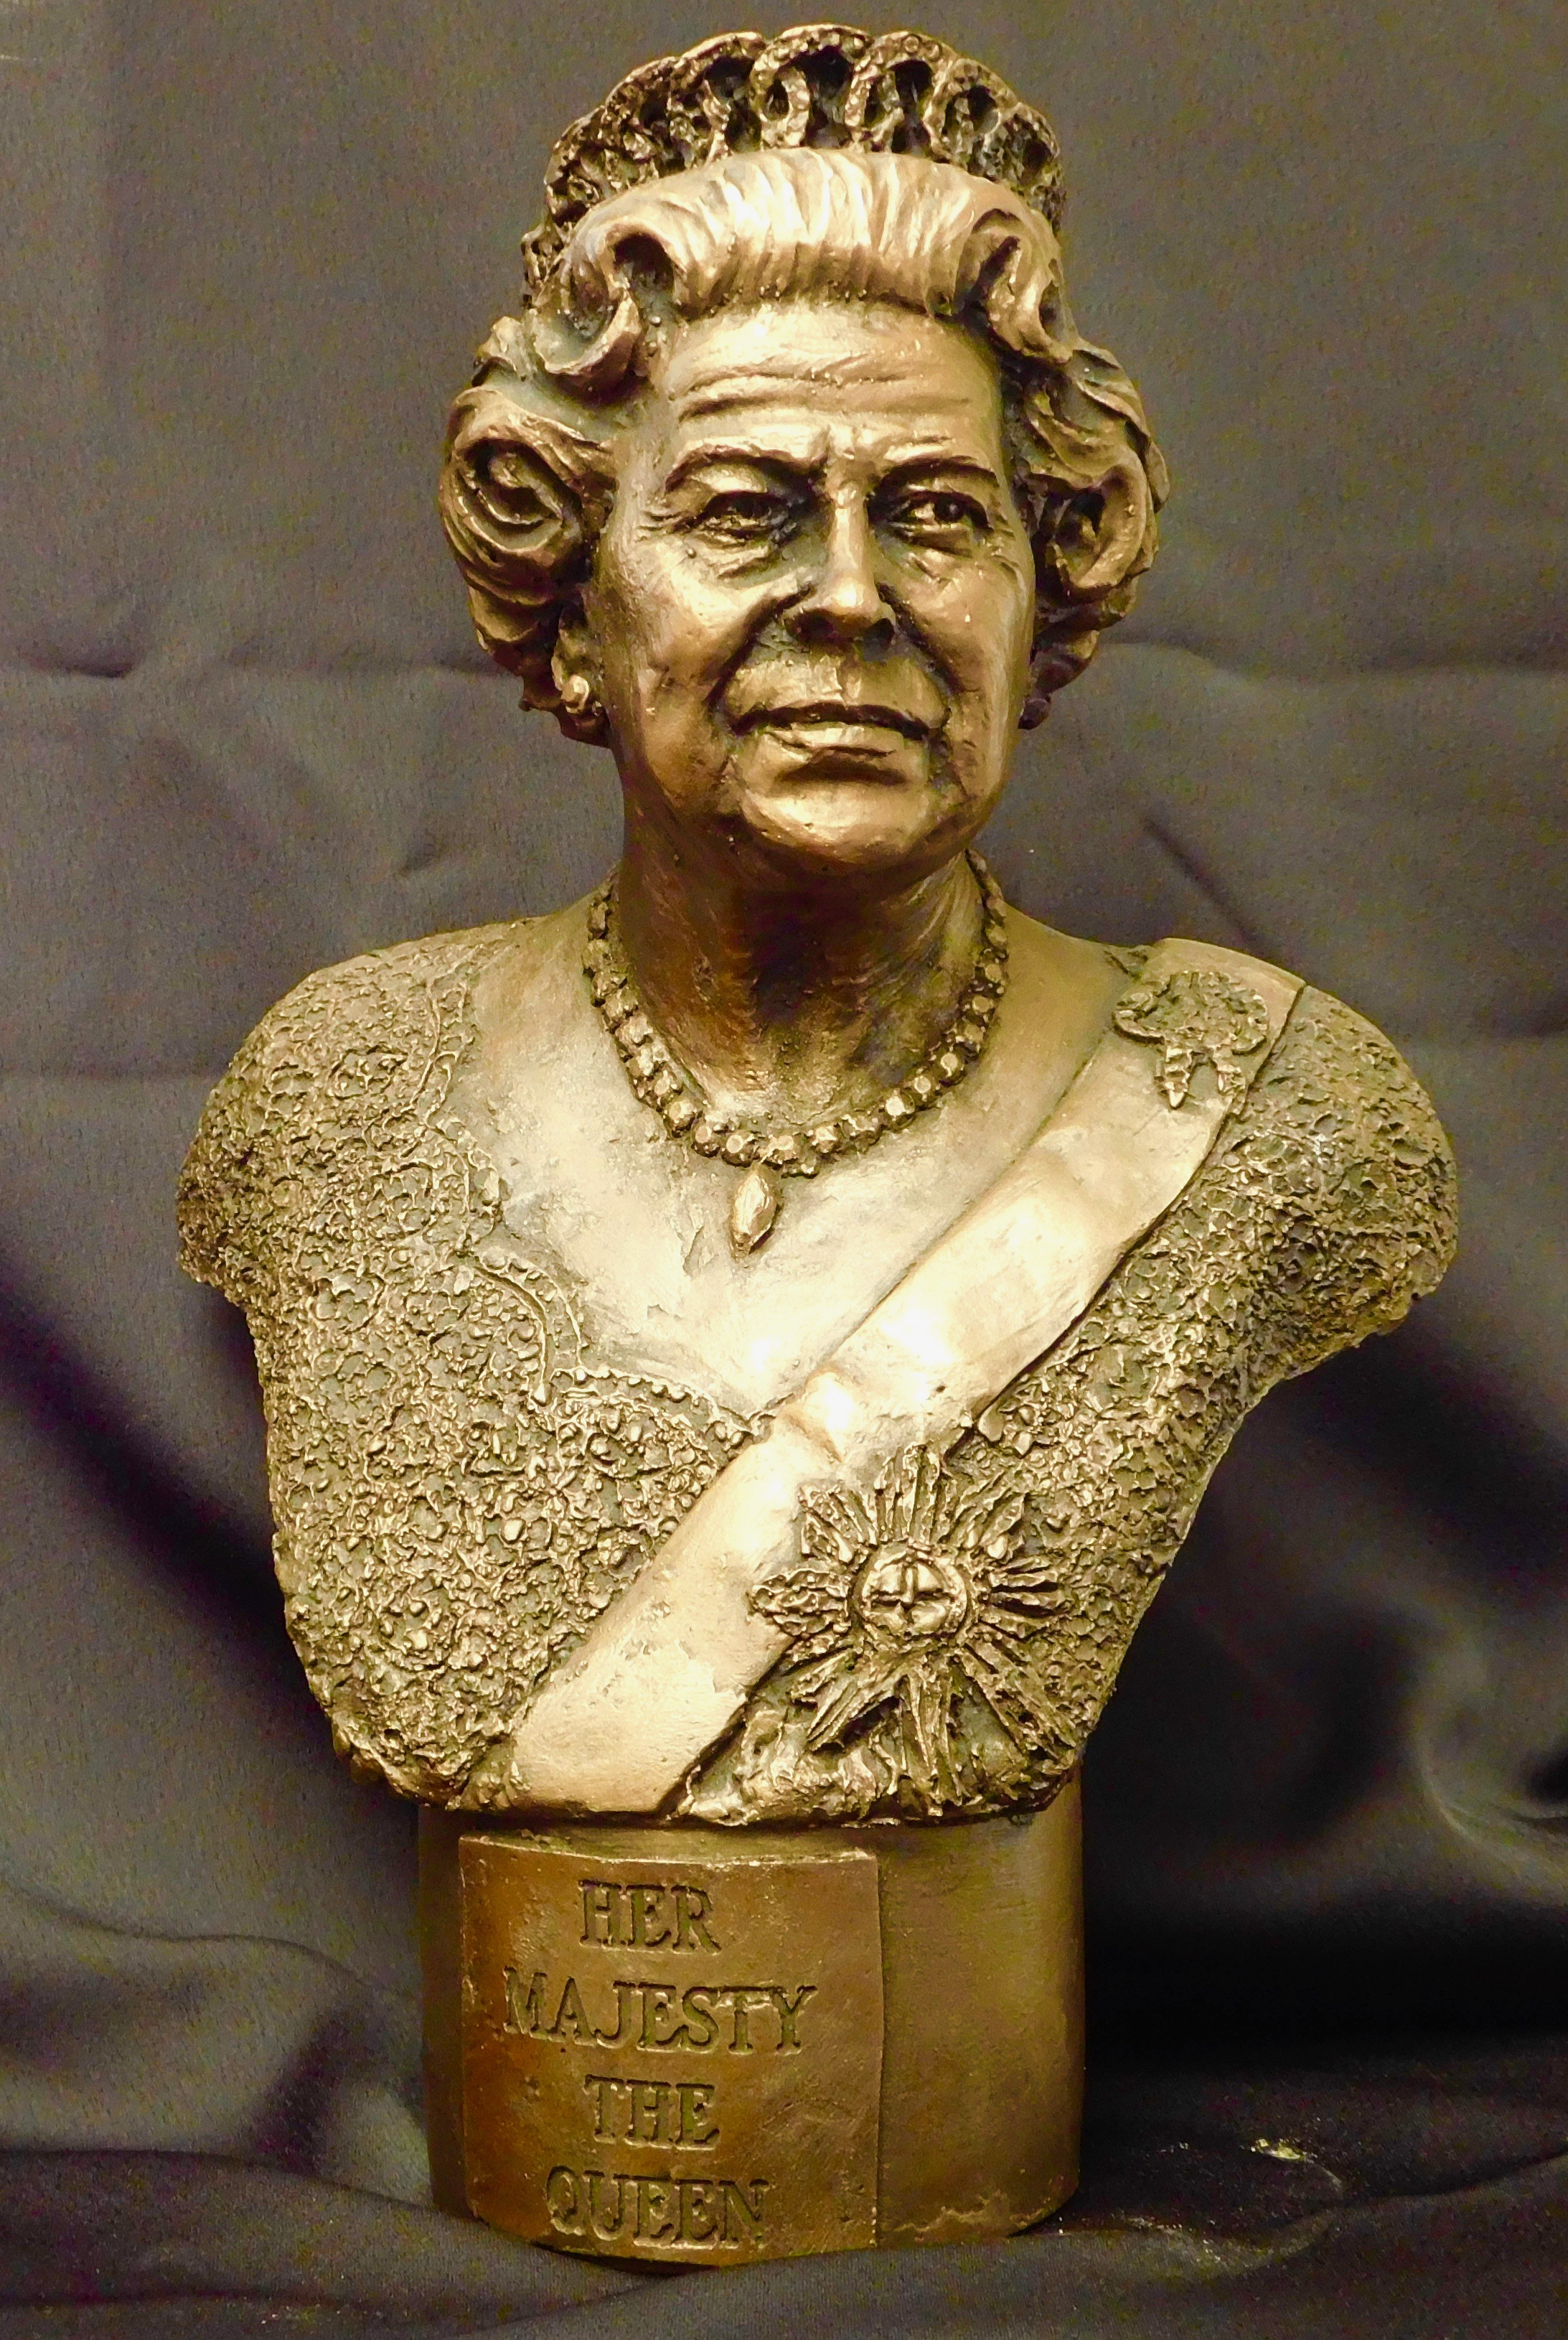 Queen Elizabeth Bronze